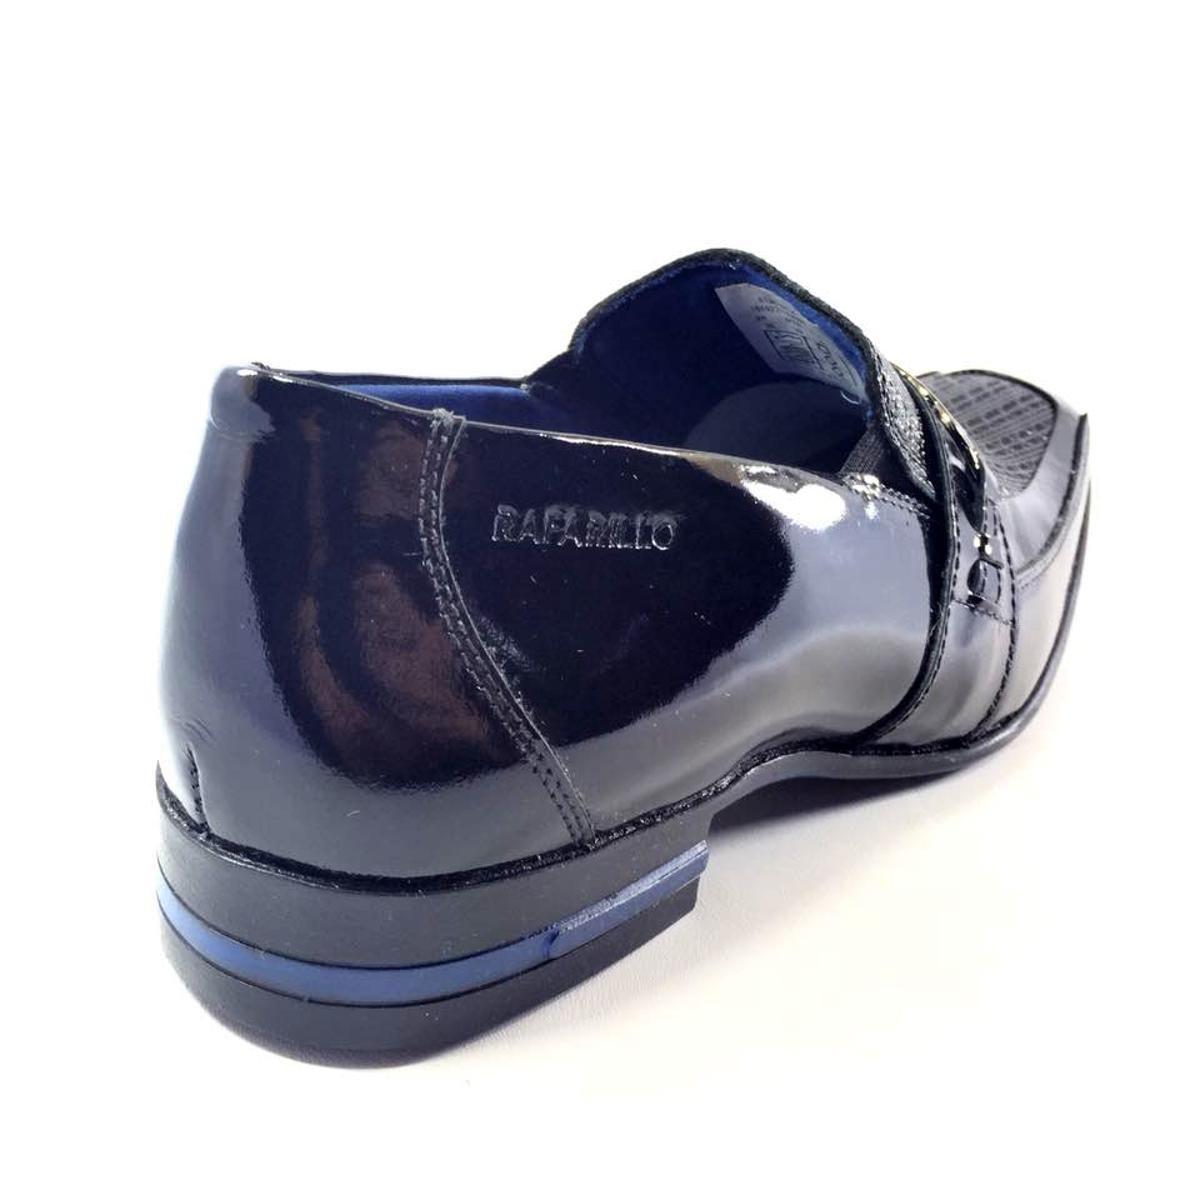 Sapato Social Rafarillo Couro Kit 4 em 1 Masculino - Preto e Azul